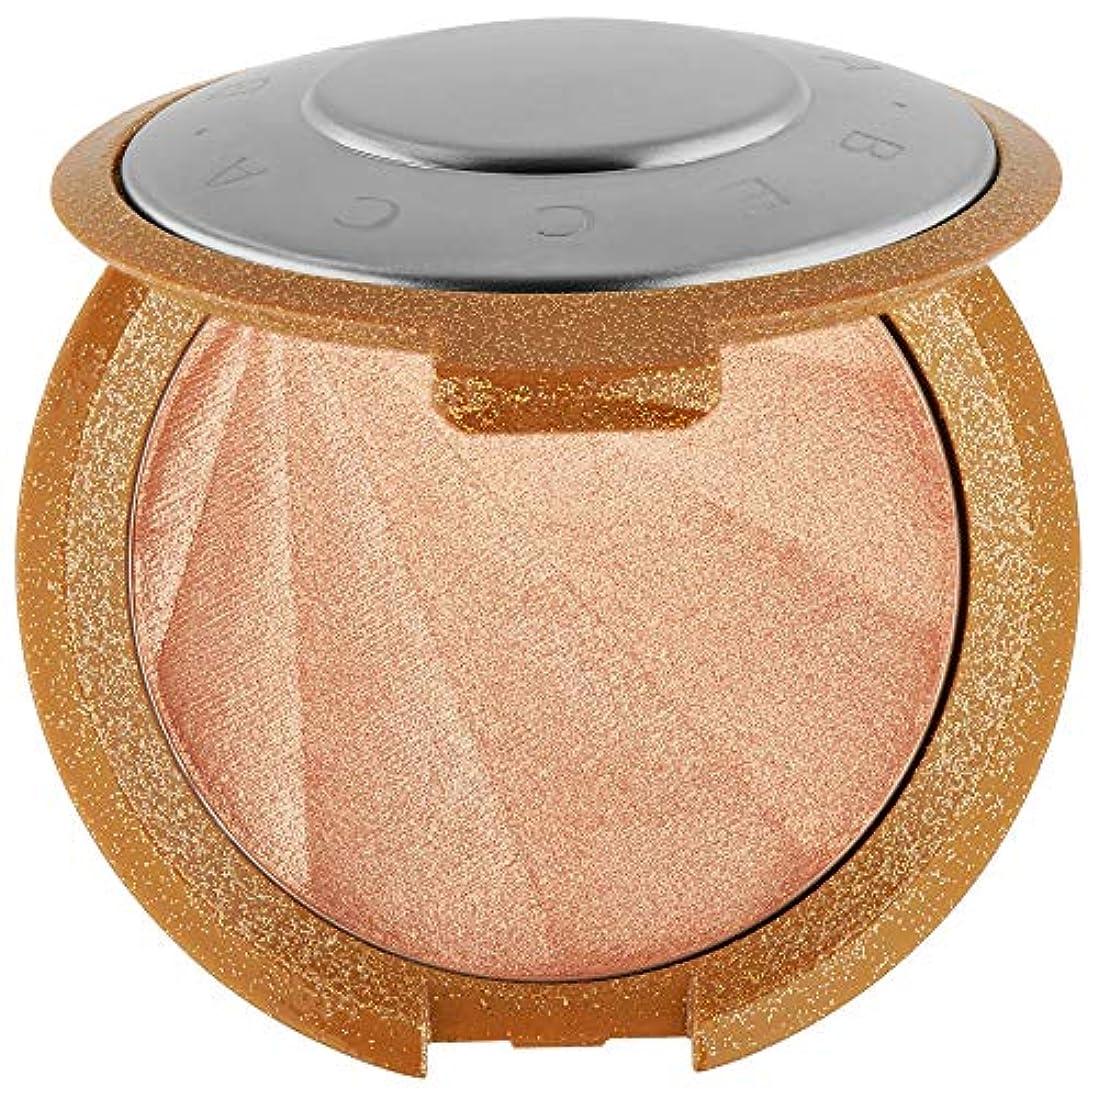 刺す愛慈悲ベッカ Shimmering Skin Perfector Pressed Powder - # Champagne Pop (Collector's Edition) 7g/0.25oz並行輸入品